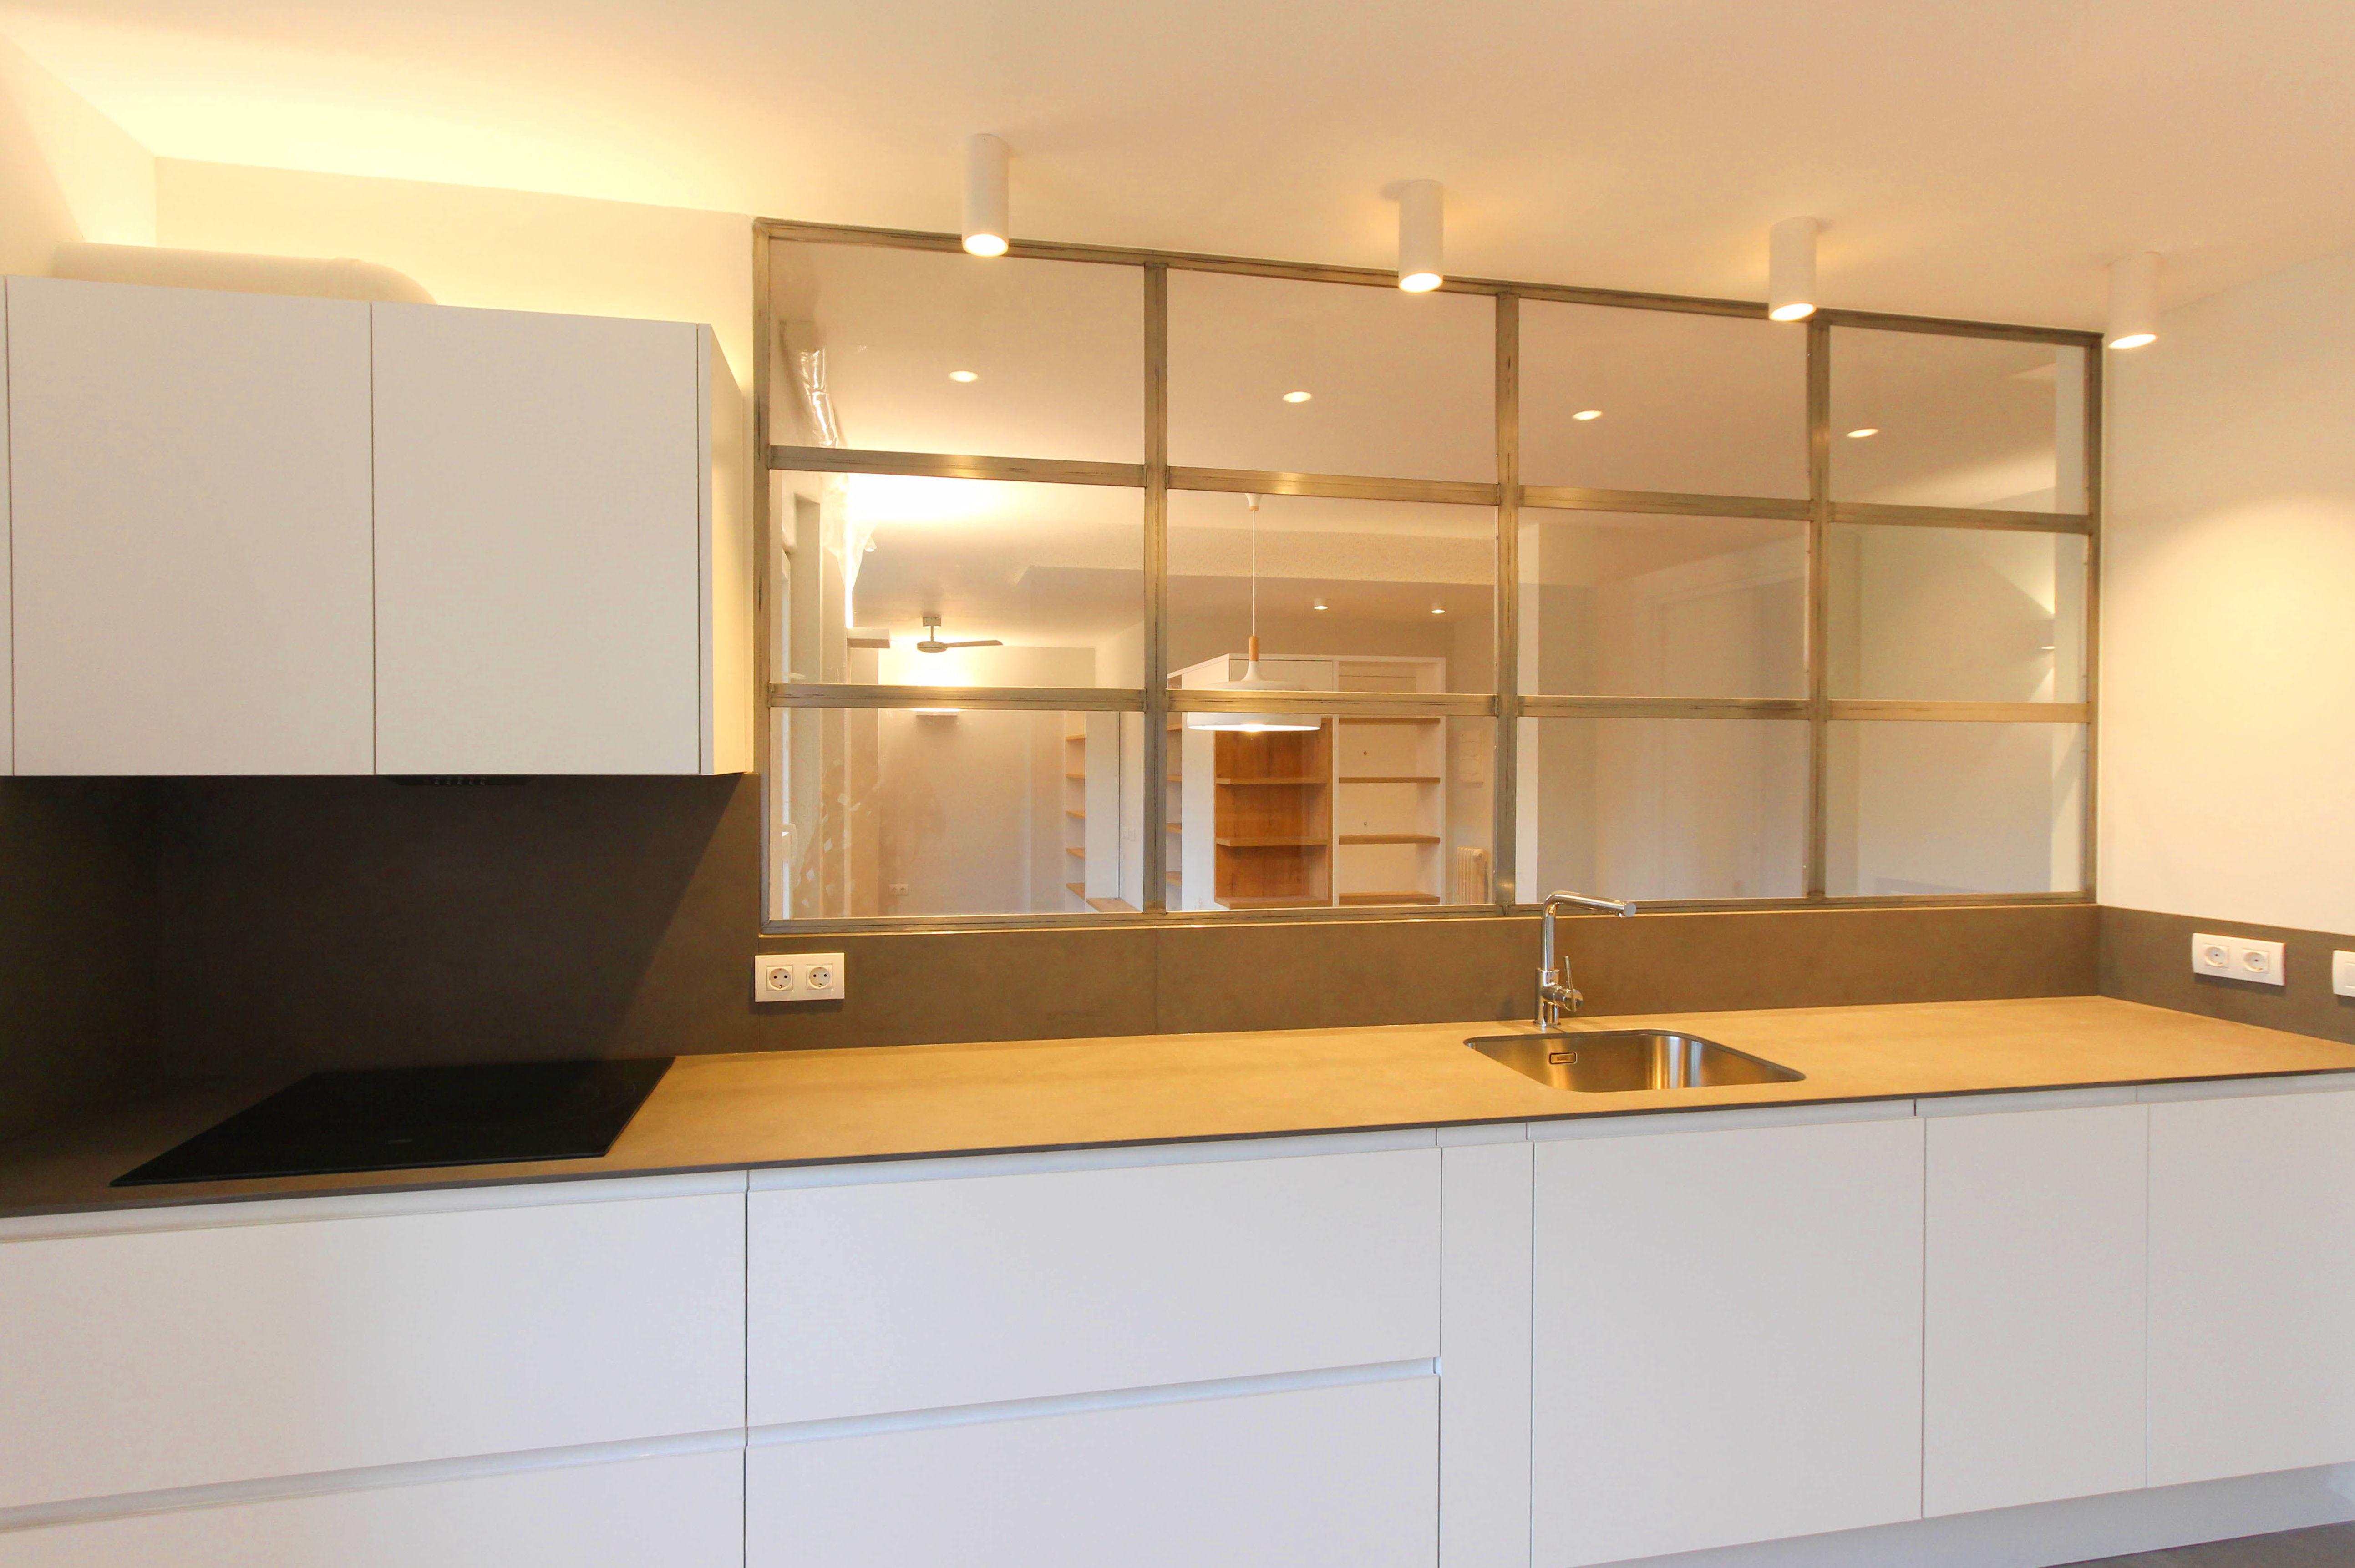 Foto 3 de Muebles de baño y cocina en Bilbao | Urko Cocina